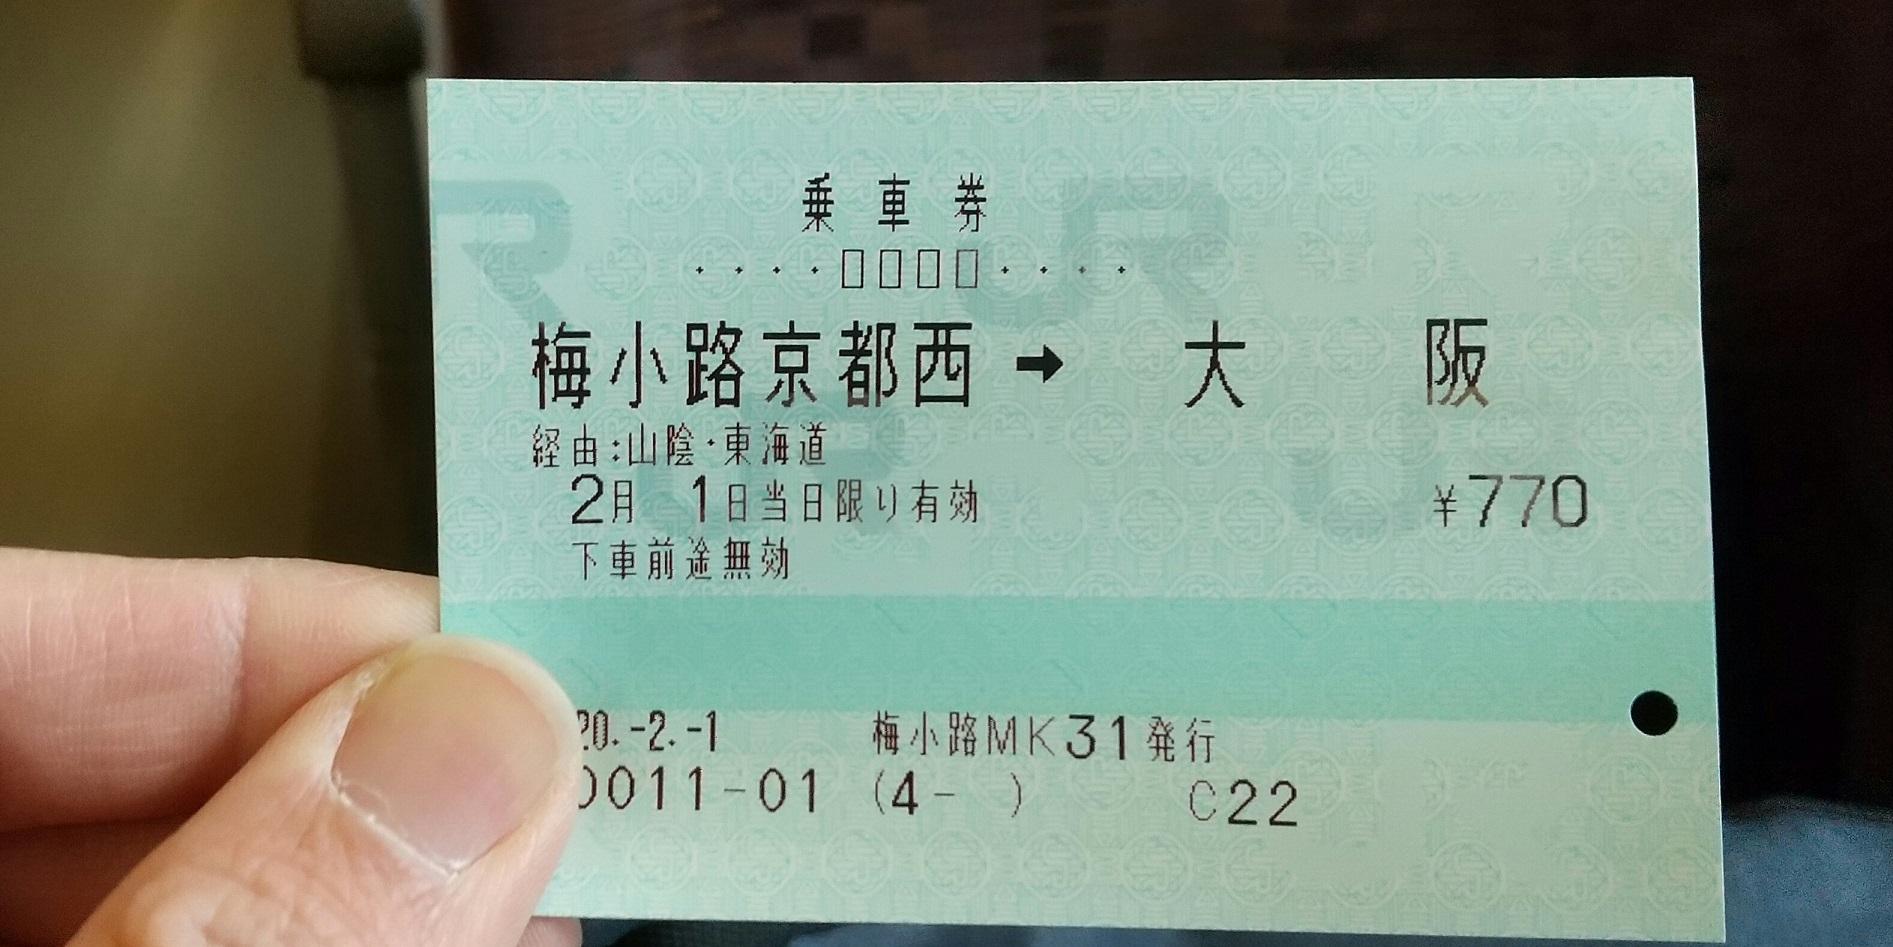 京都鉄道博物館 幕末維新号を見るプチ旅行の旅_d0202264_13174335.jpg